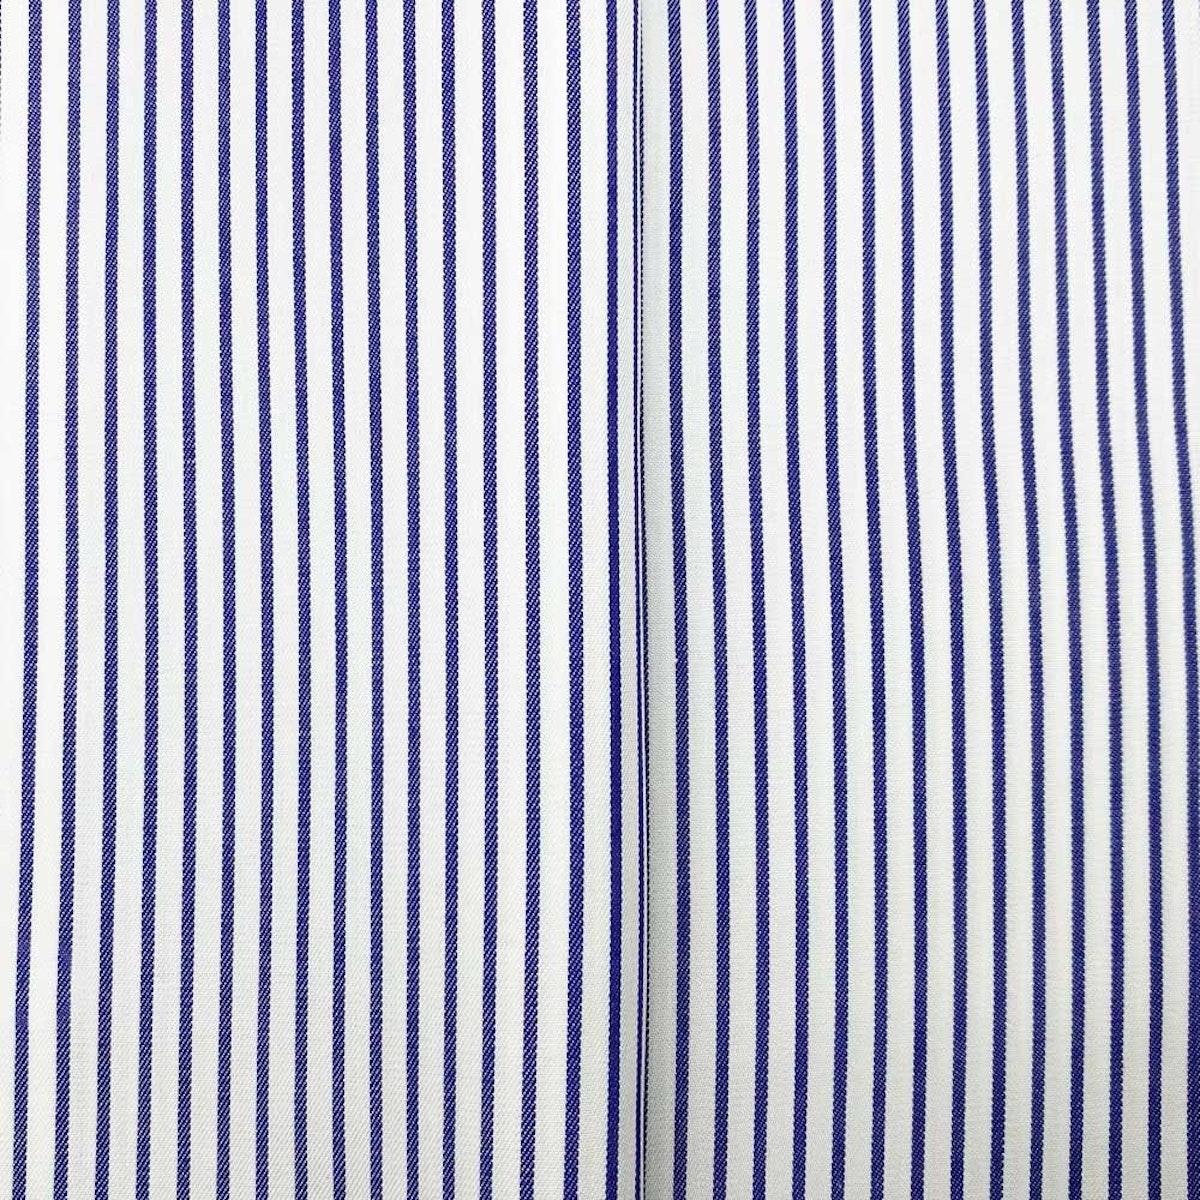 InStitchu Shirt Fabric 126